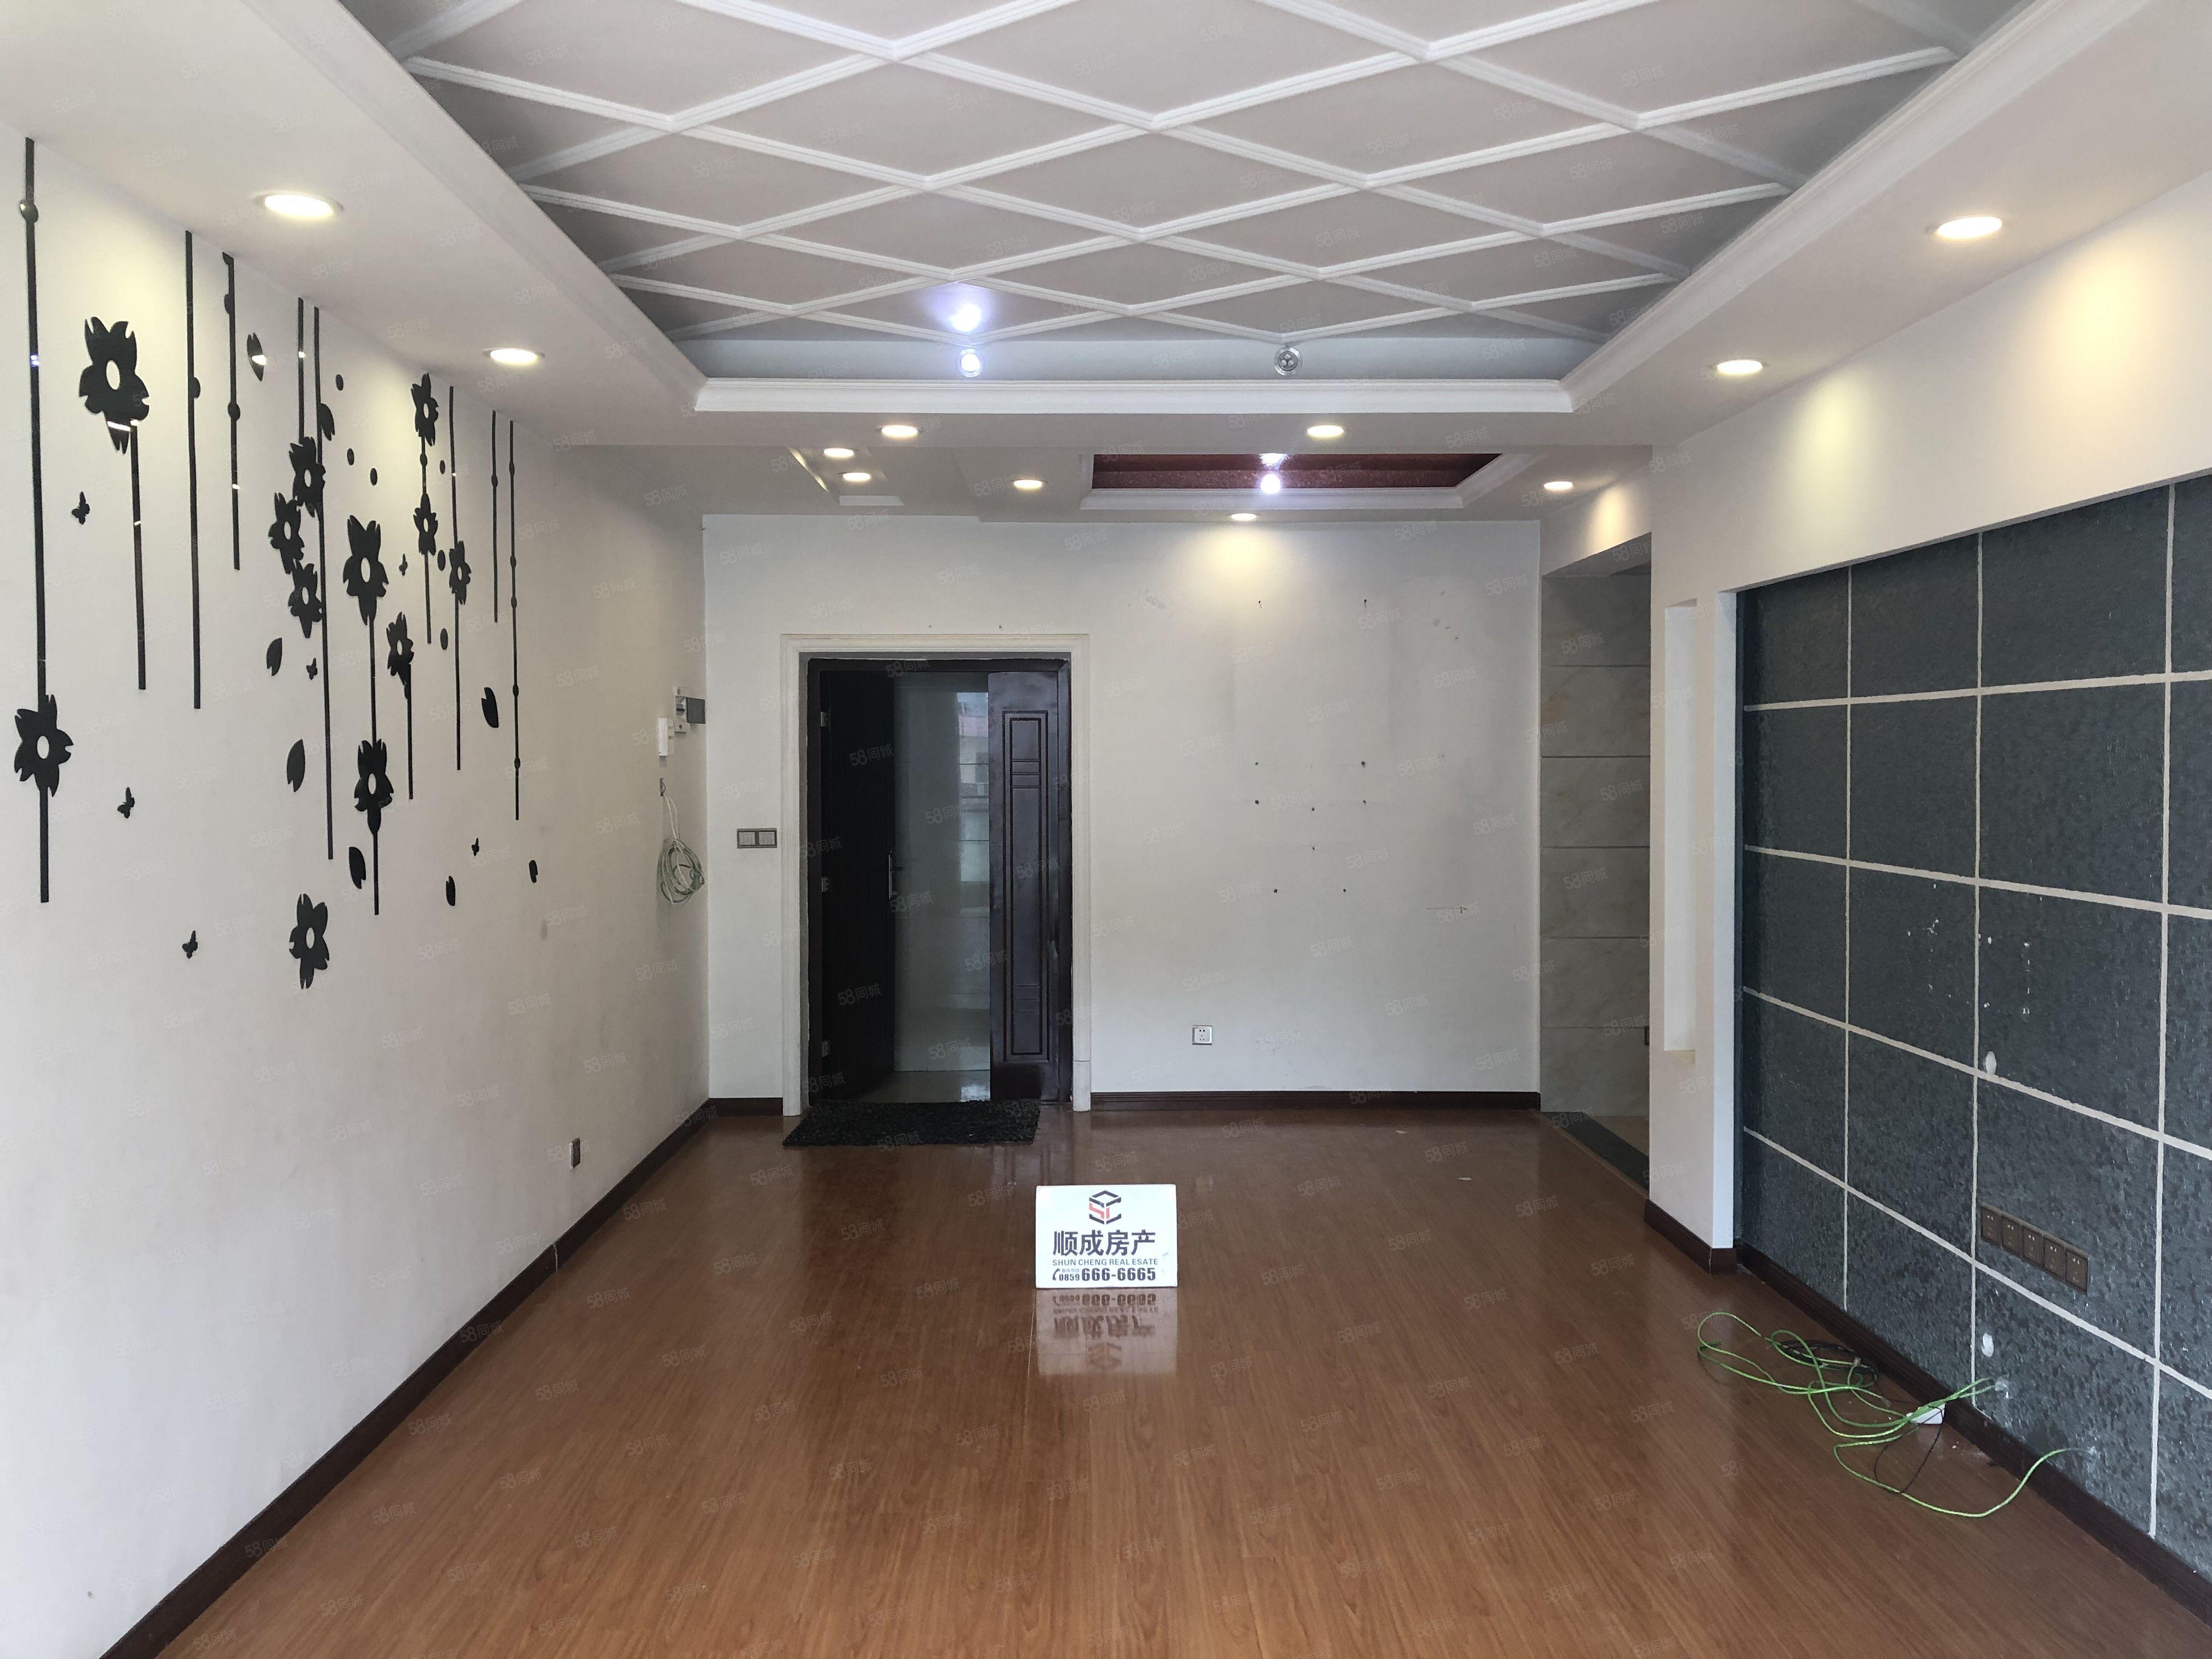 精装修3605每平方,锦城,可贷款,小面积住房出售